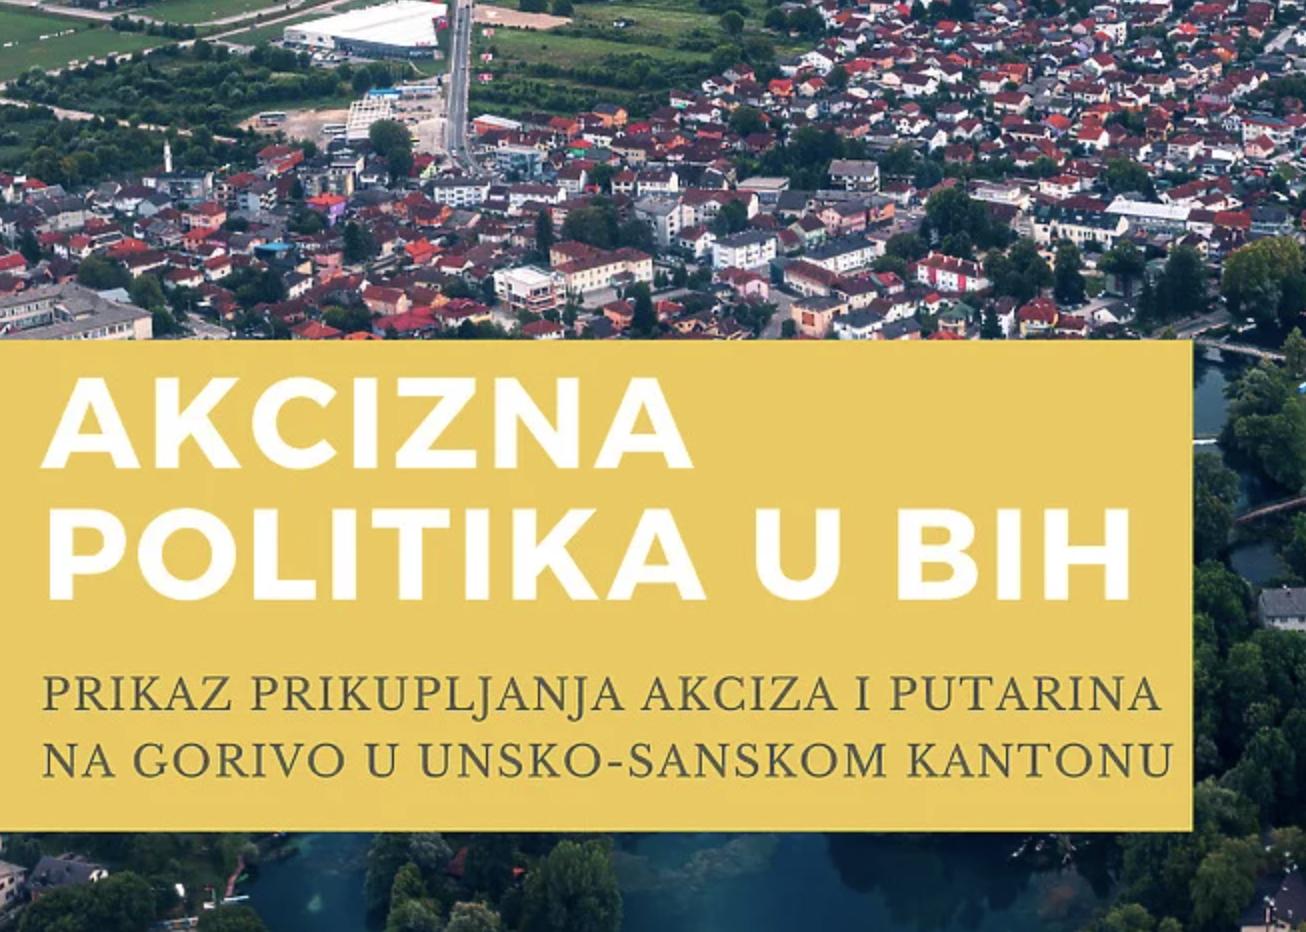 Akcizna politika u BiH: Koliko su građani USK uplatili akciza na gorivo, a koliko im se to vratilo